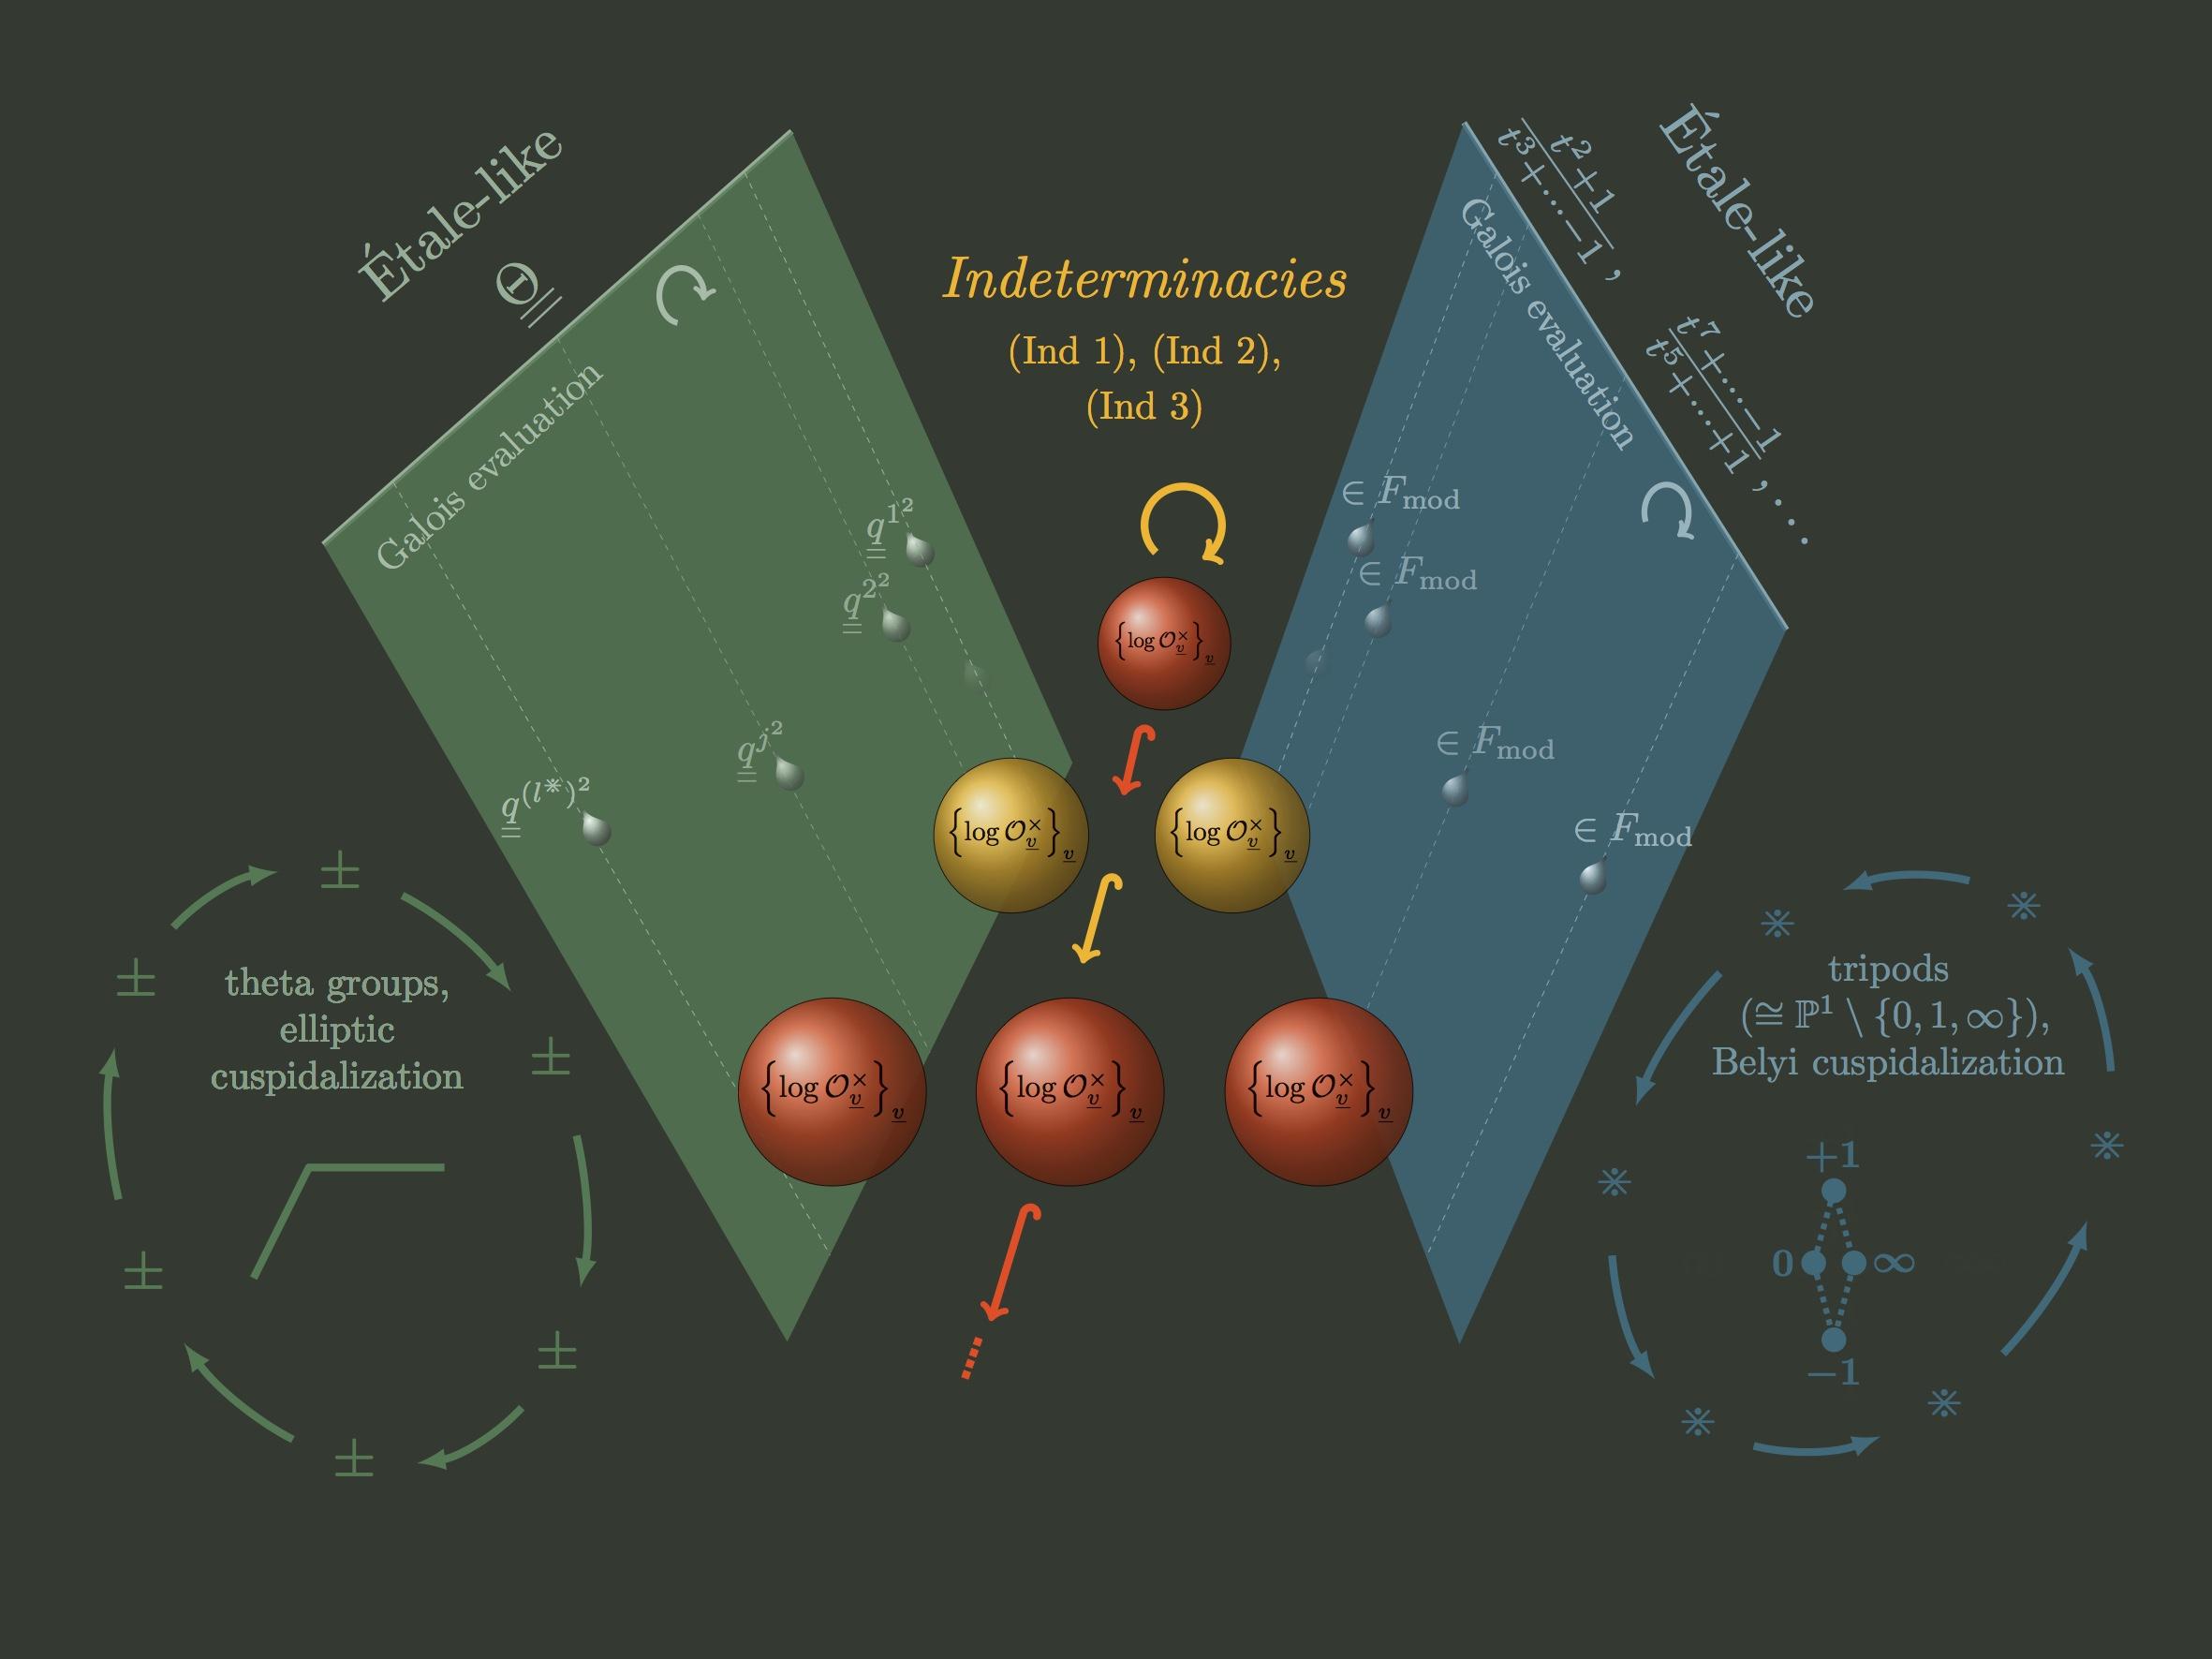 宇宙 際 タイヒ ミューラー 理論 宇宙際タイヒミューラー理論の拡がり